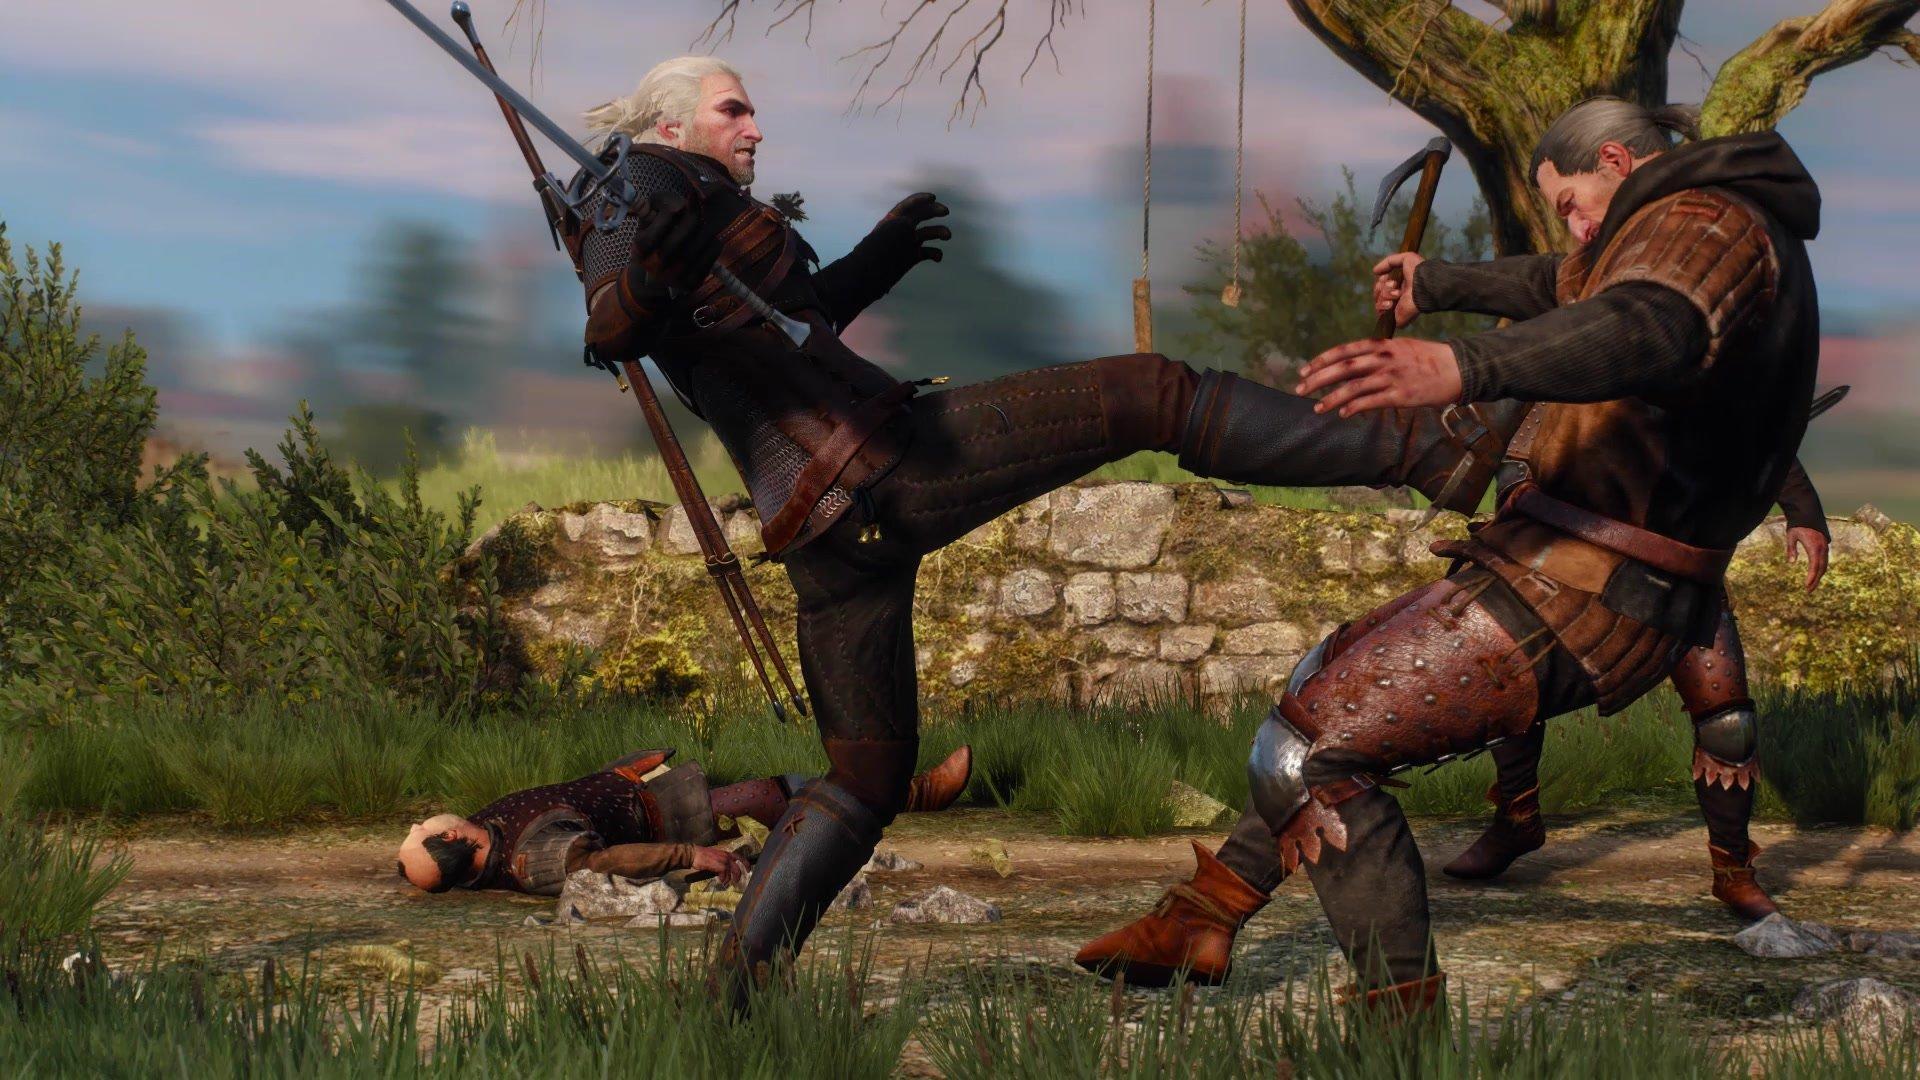 The Witcher 3: Wild Hunt. Русская версия геймплейного трейлера.    Русская версия опубликованного ранее трейлера, де ... - Изображение 3